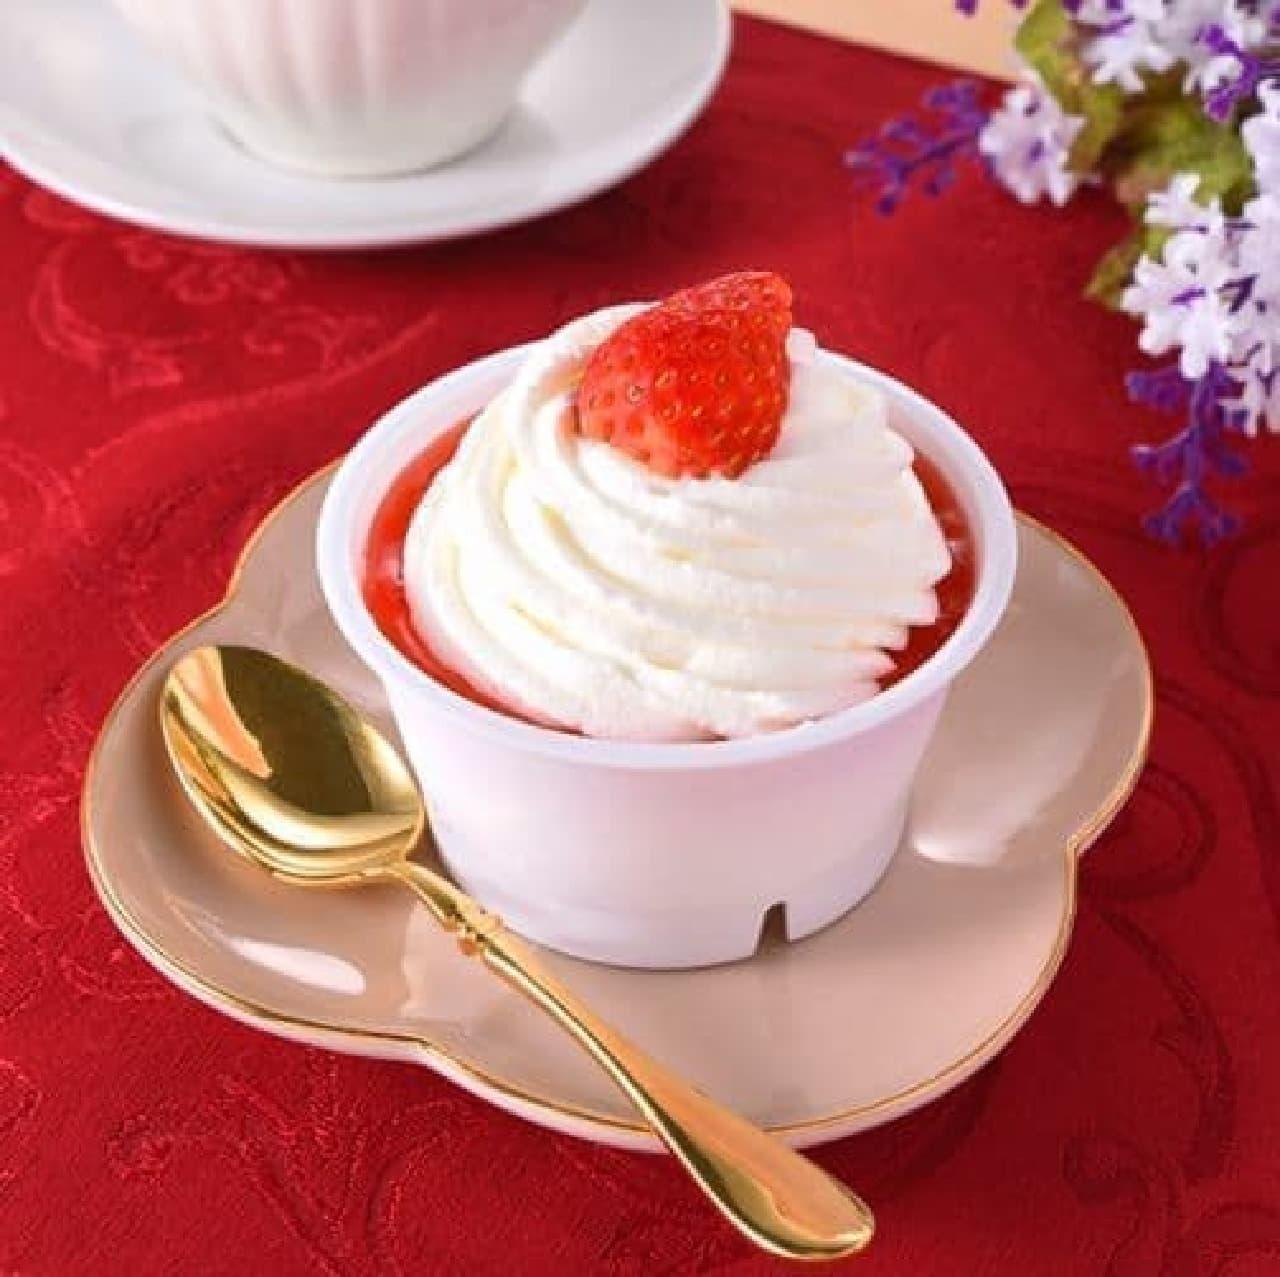 ファミリーマート「クリームほおばる苺のケーキ」